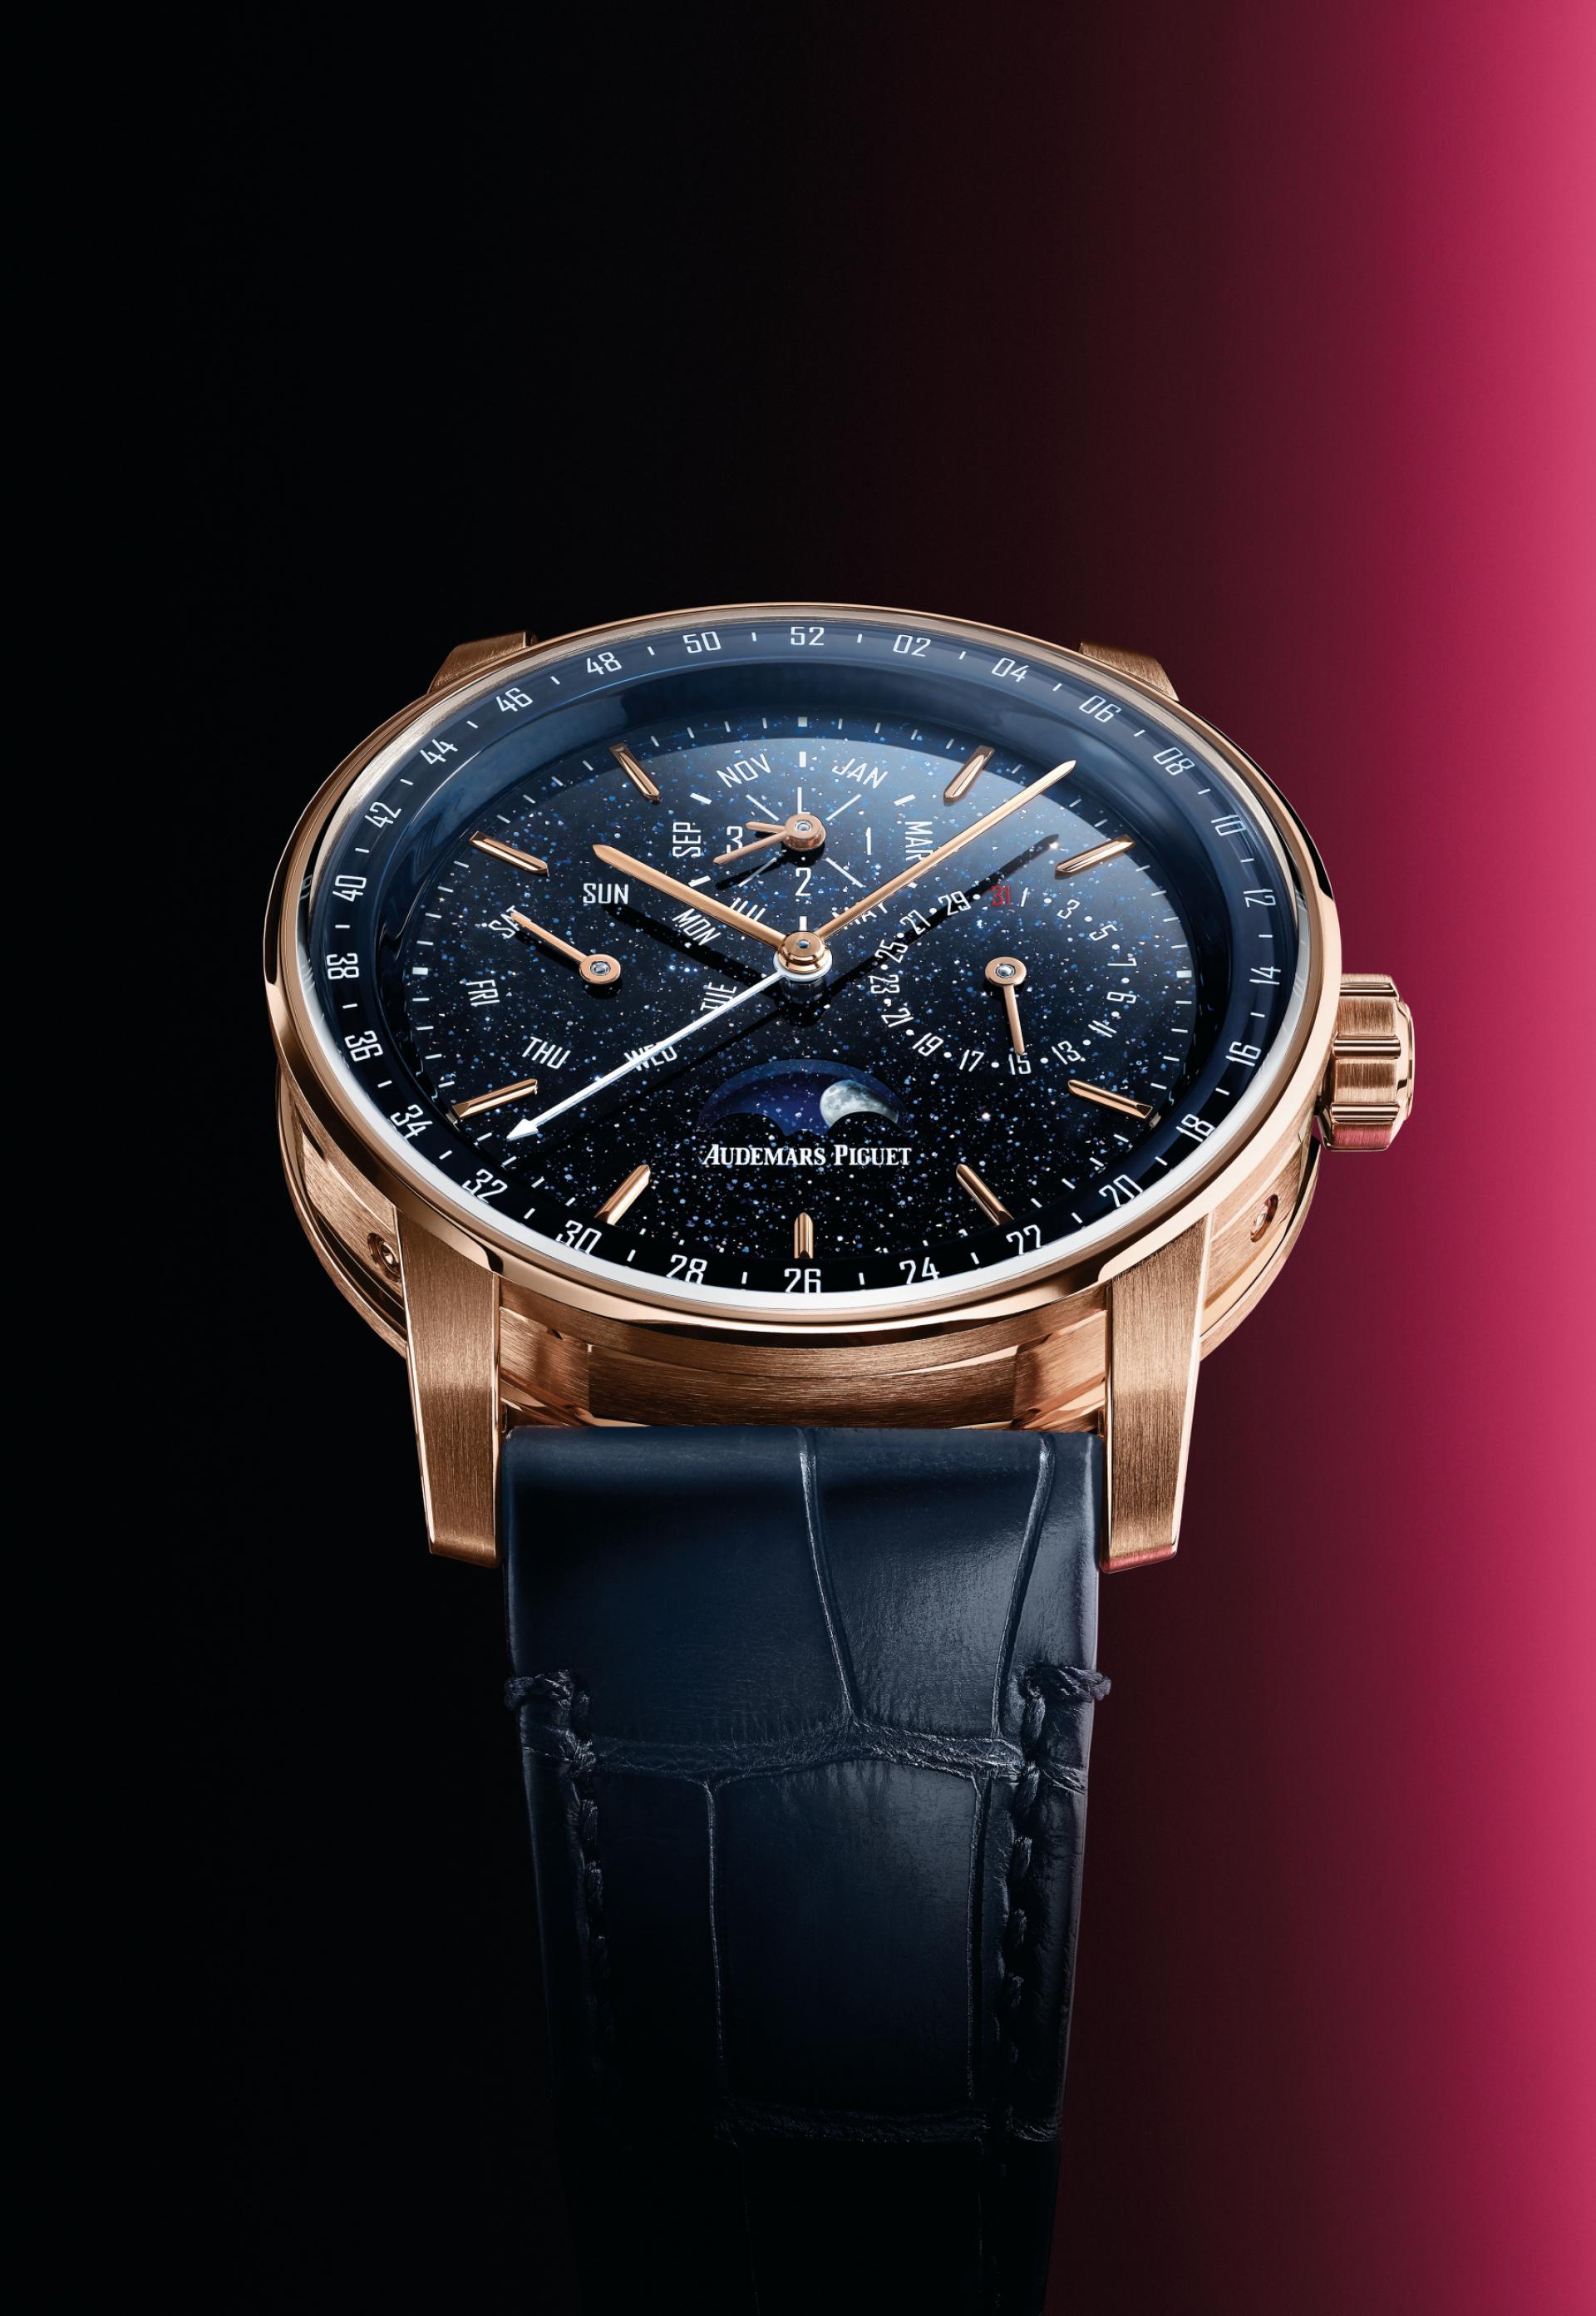 Audemars Piguet CODE 11:59 watch collection 2019